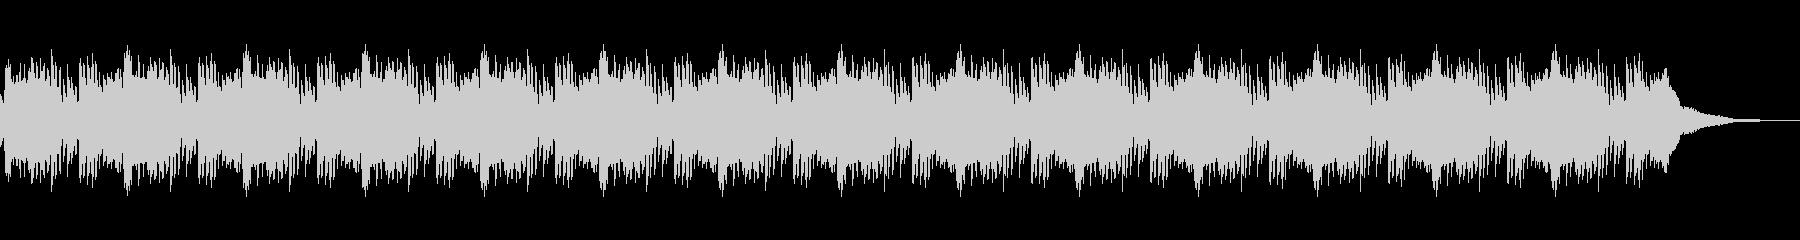 THE Harp DE Shining Crystal Doremi's unreproduced waveform